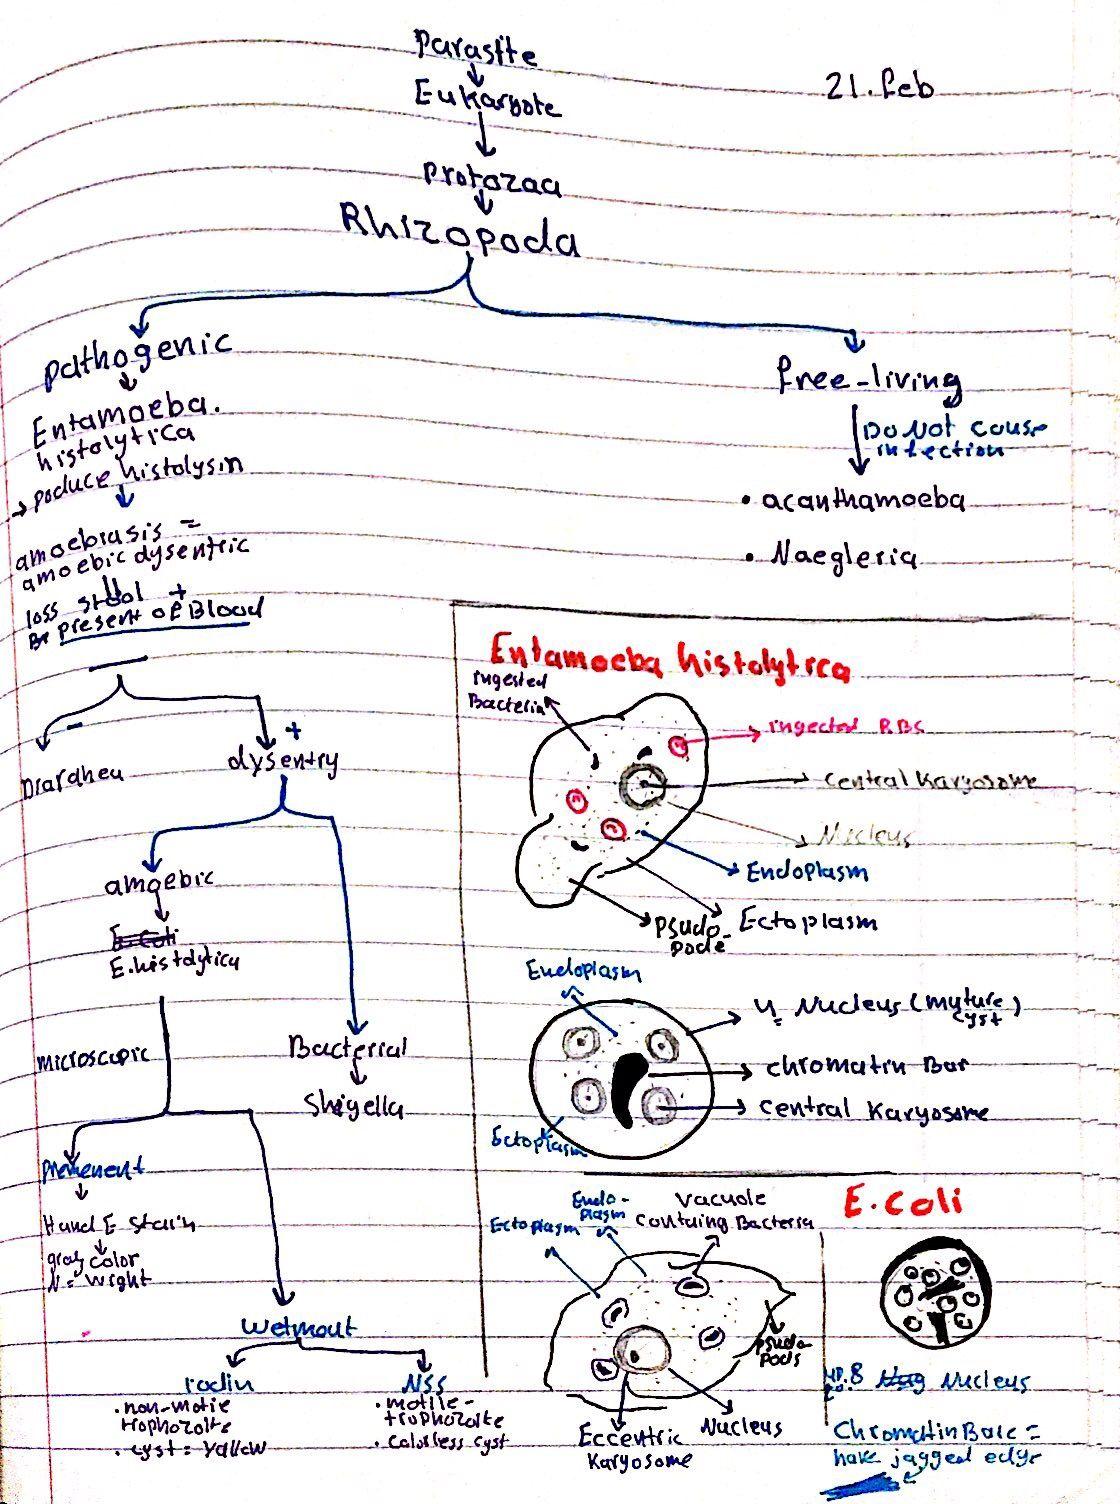 hight resolution of rhizopoda entameba